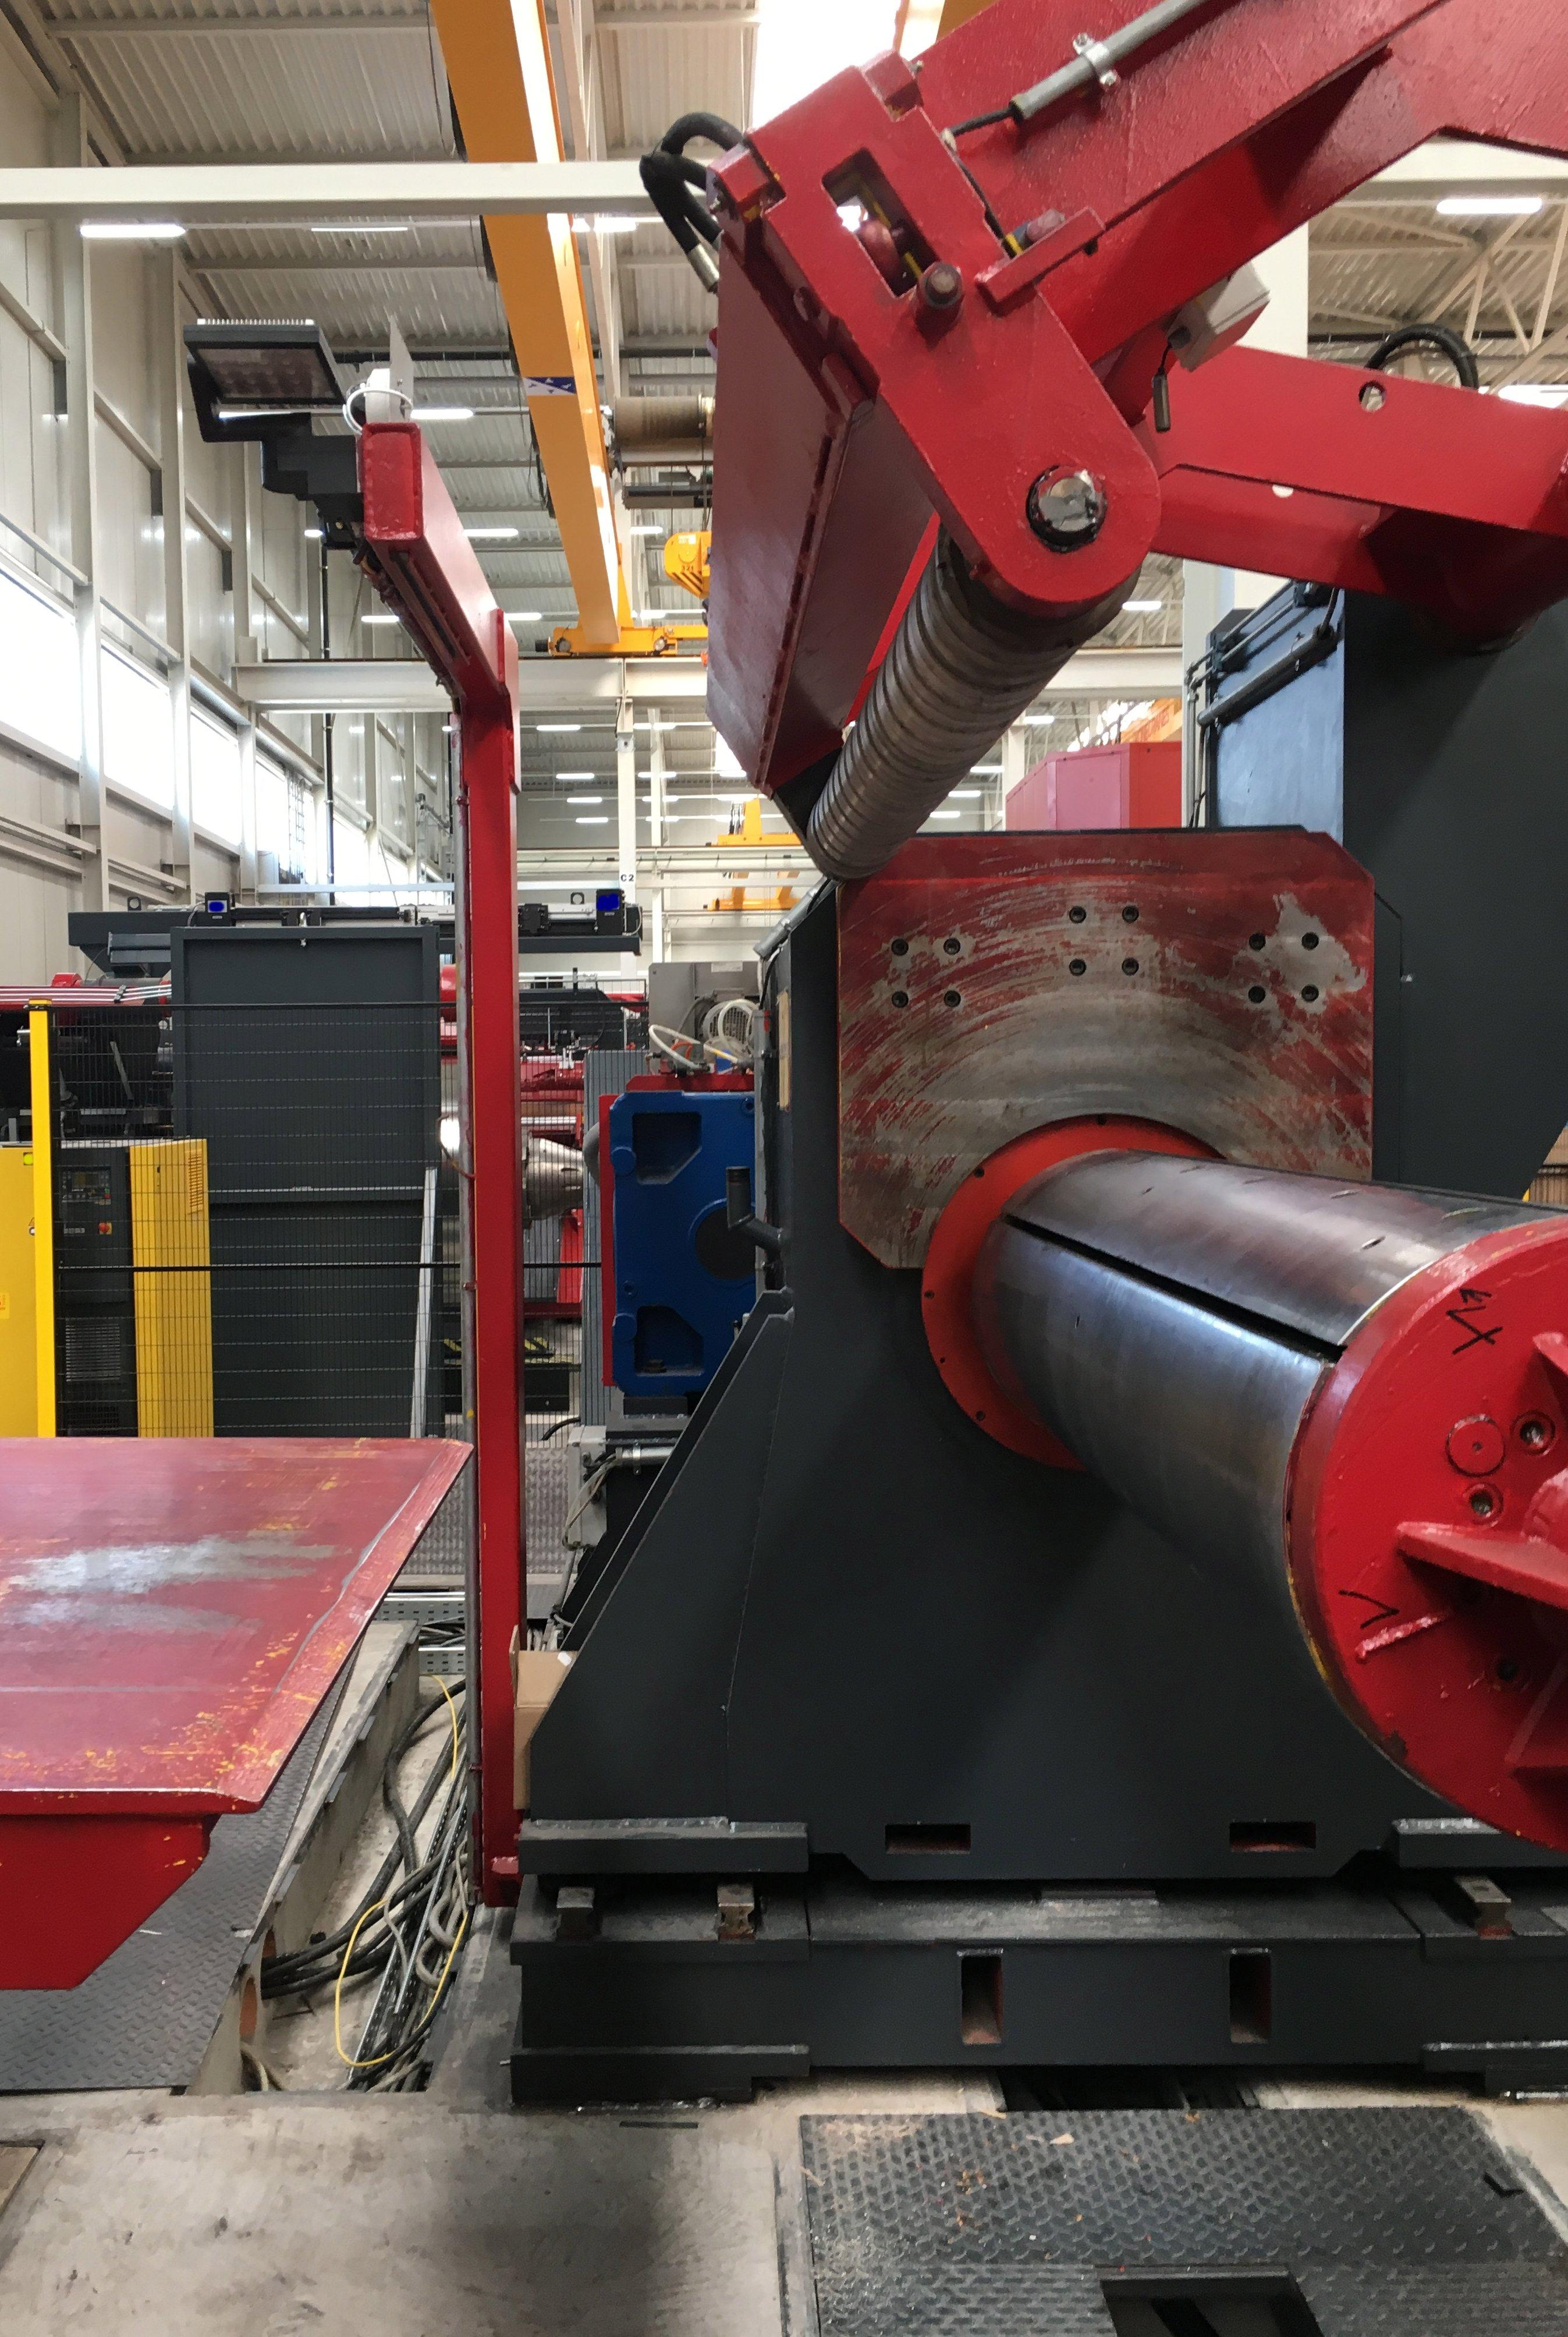 Maschinenüberholung, Maschinenmontage, Maschinenverlagerung, Montageservice, Instandhaltung, Industrieservice